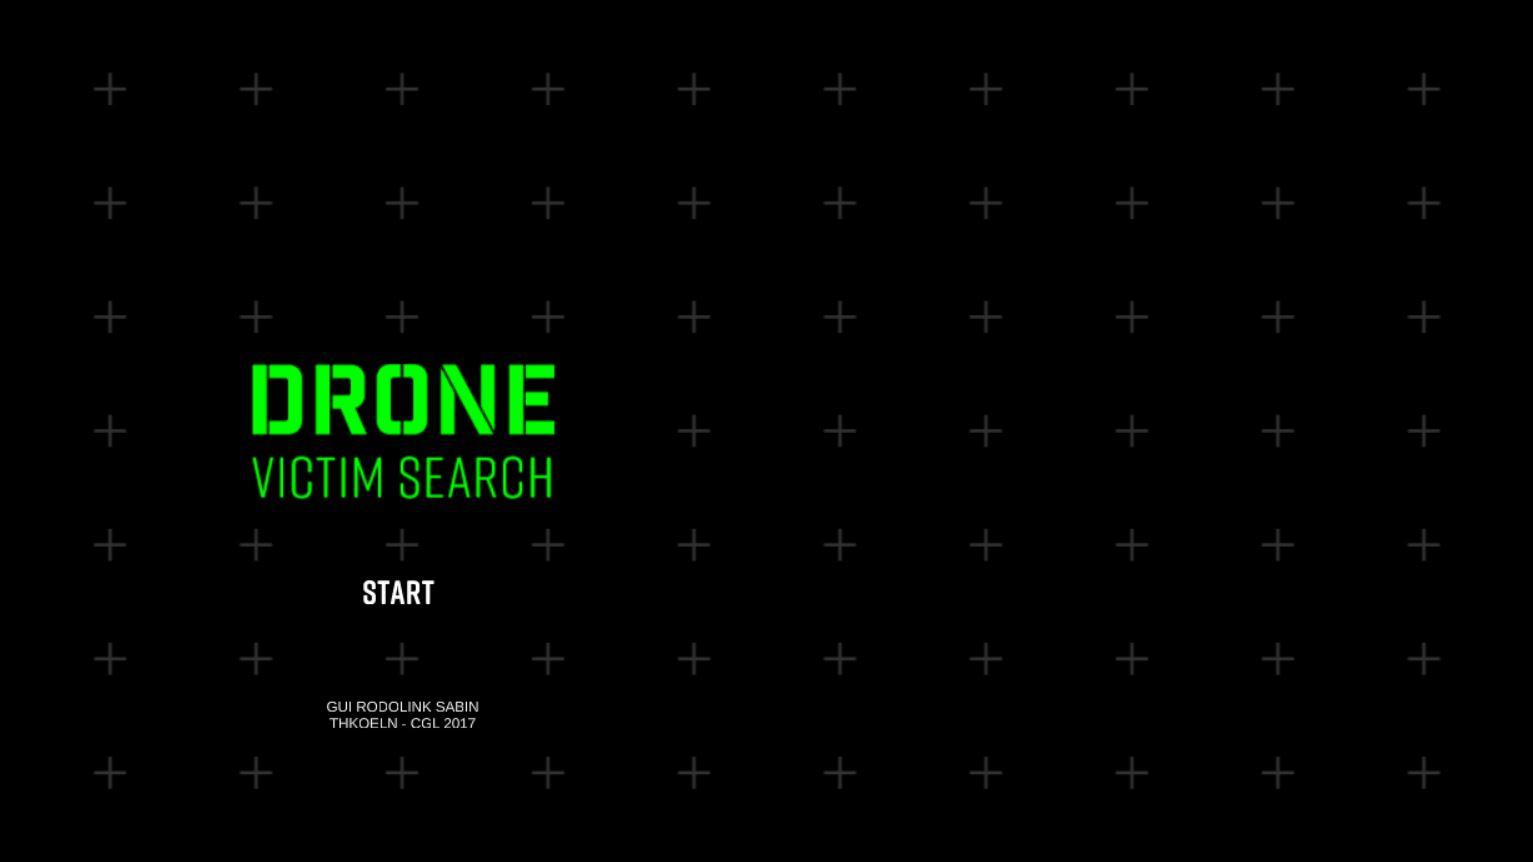 Drone Victim Search